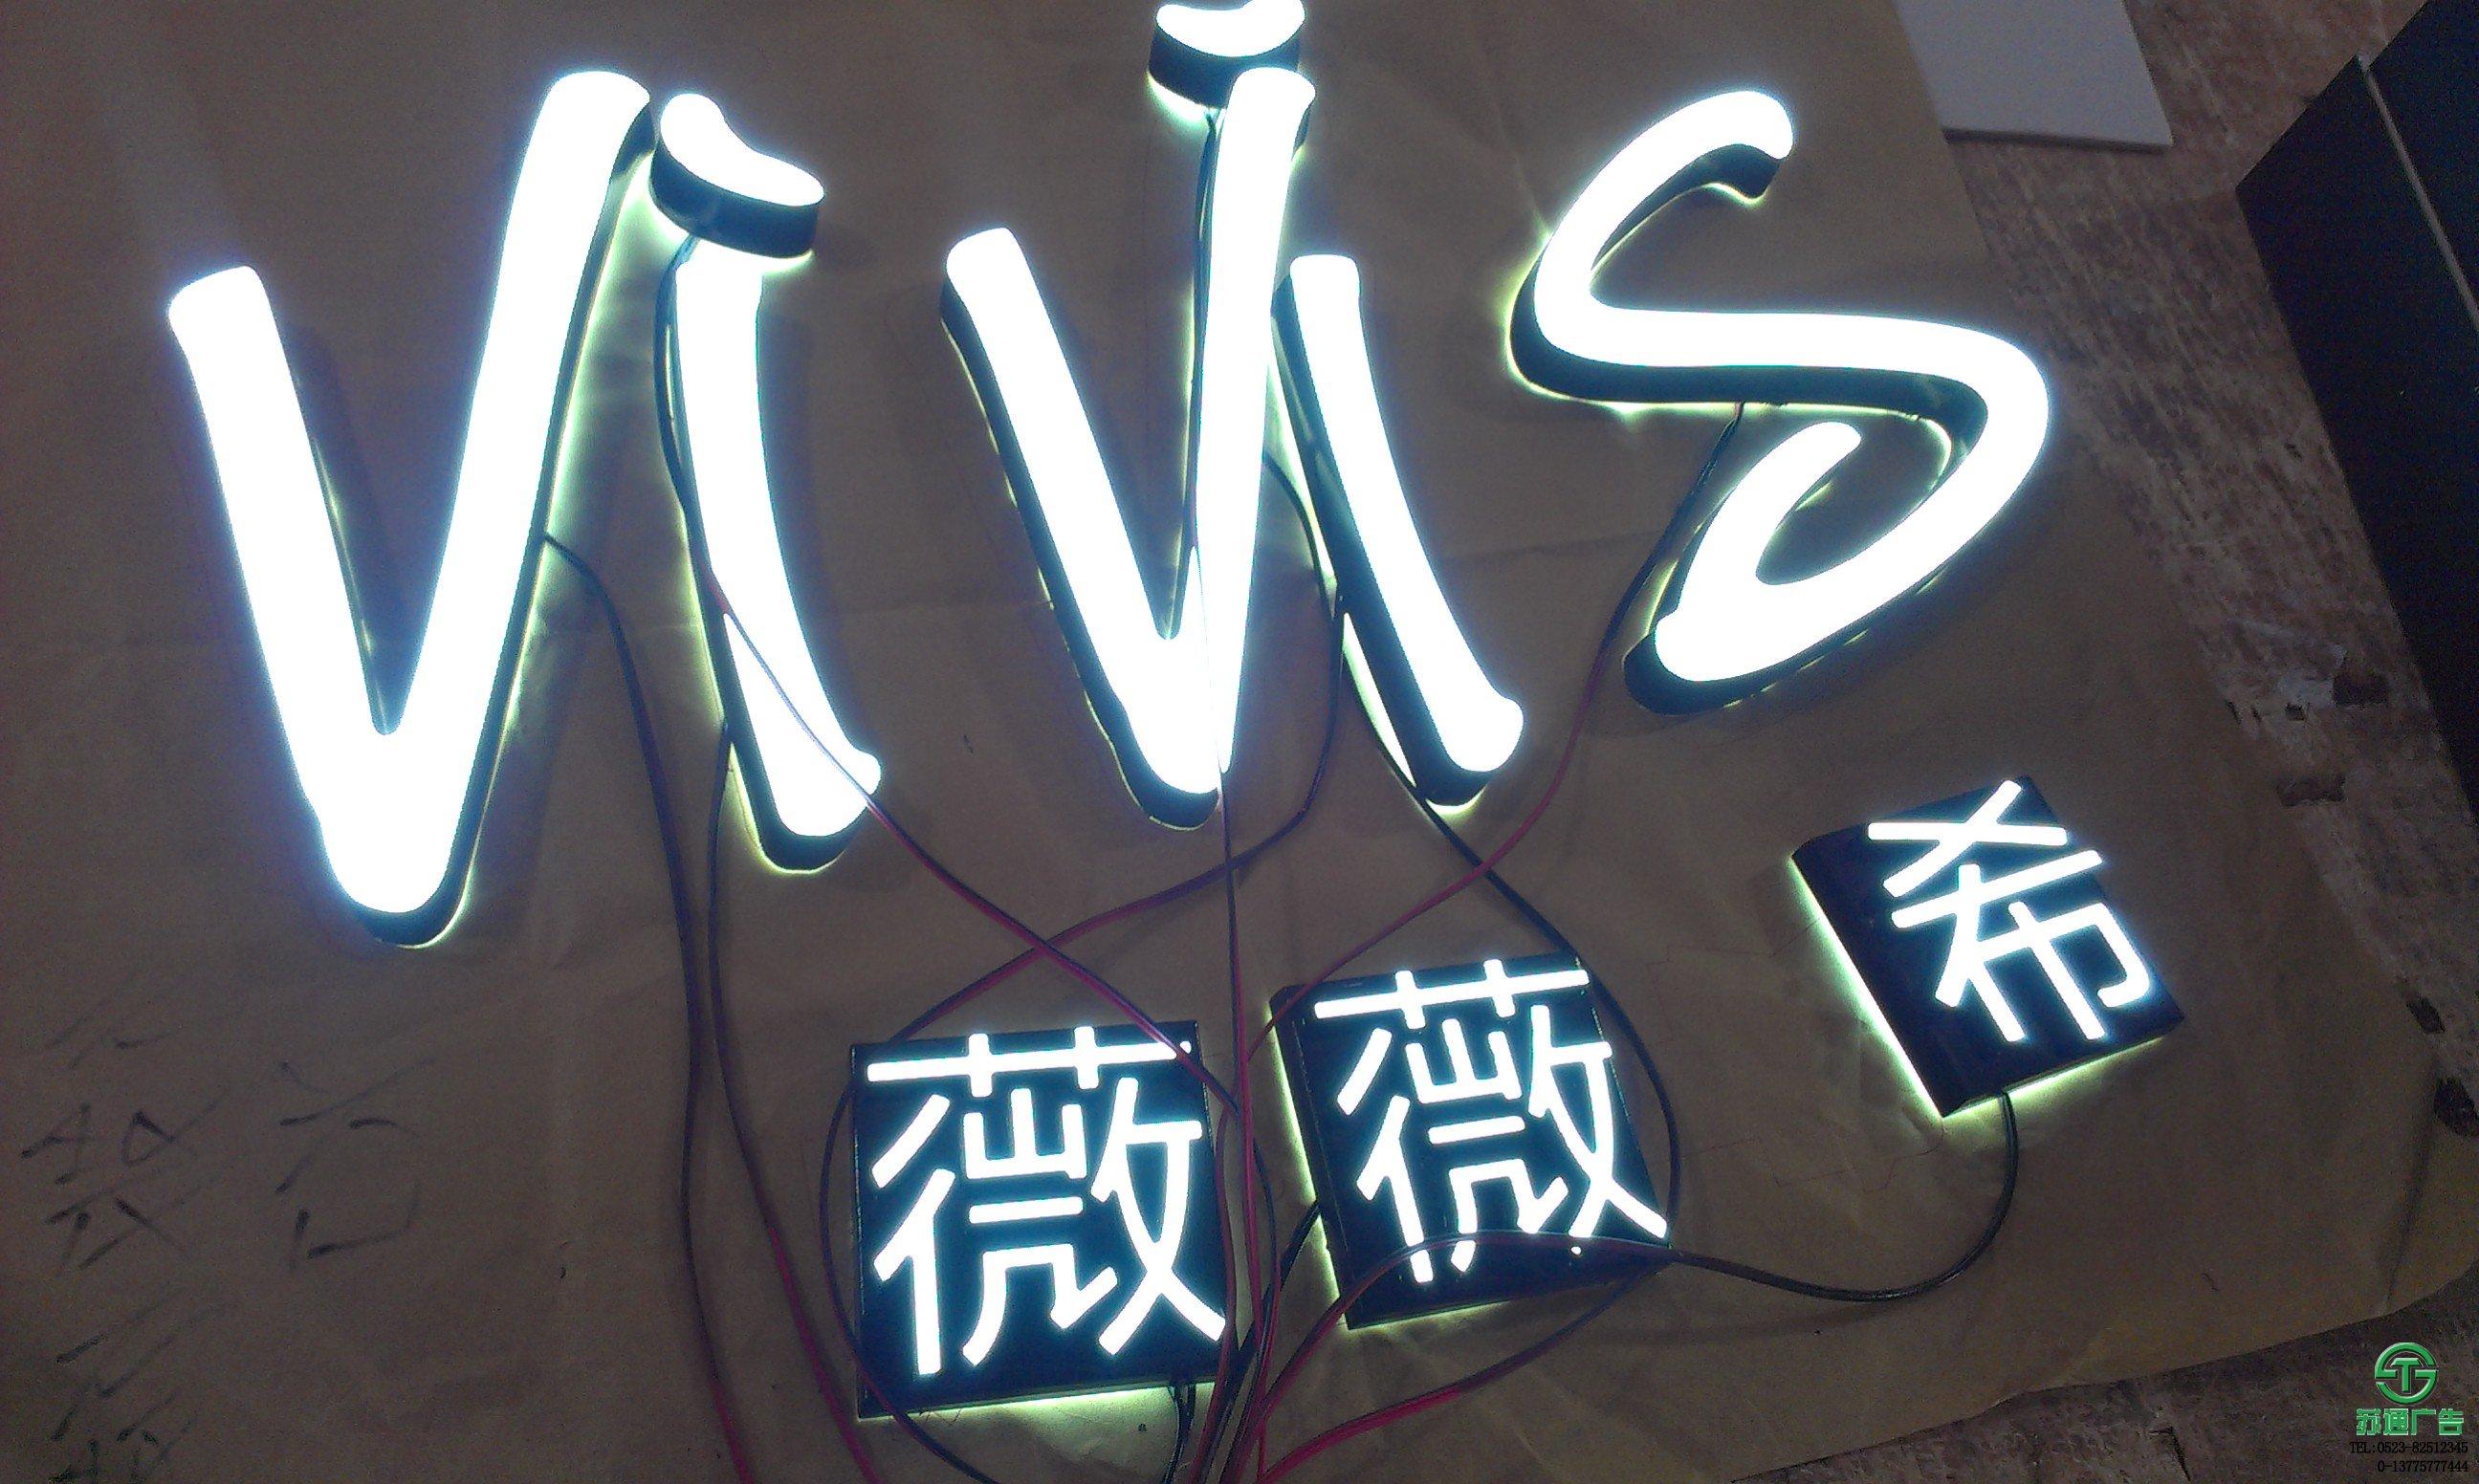 江苏苏通迷你超薄发光字,又称亚克力侧光系列,坐享史上最薄发光字的